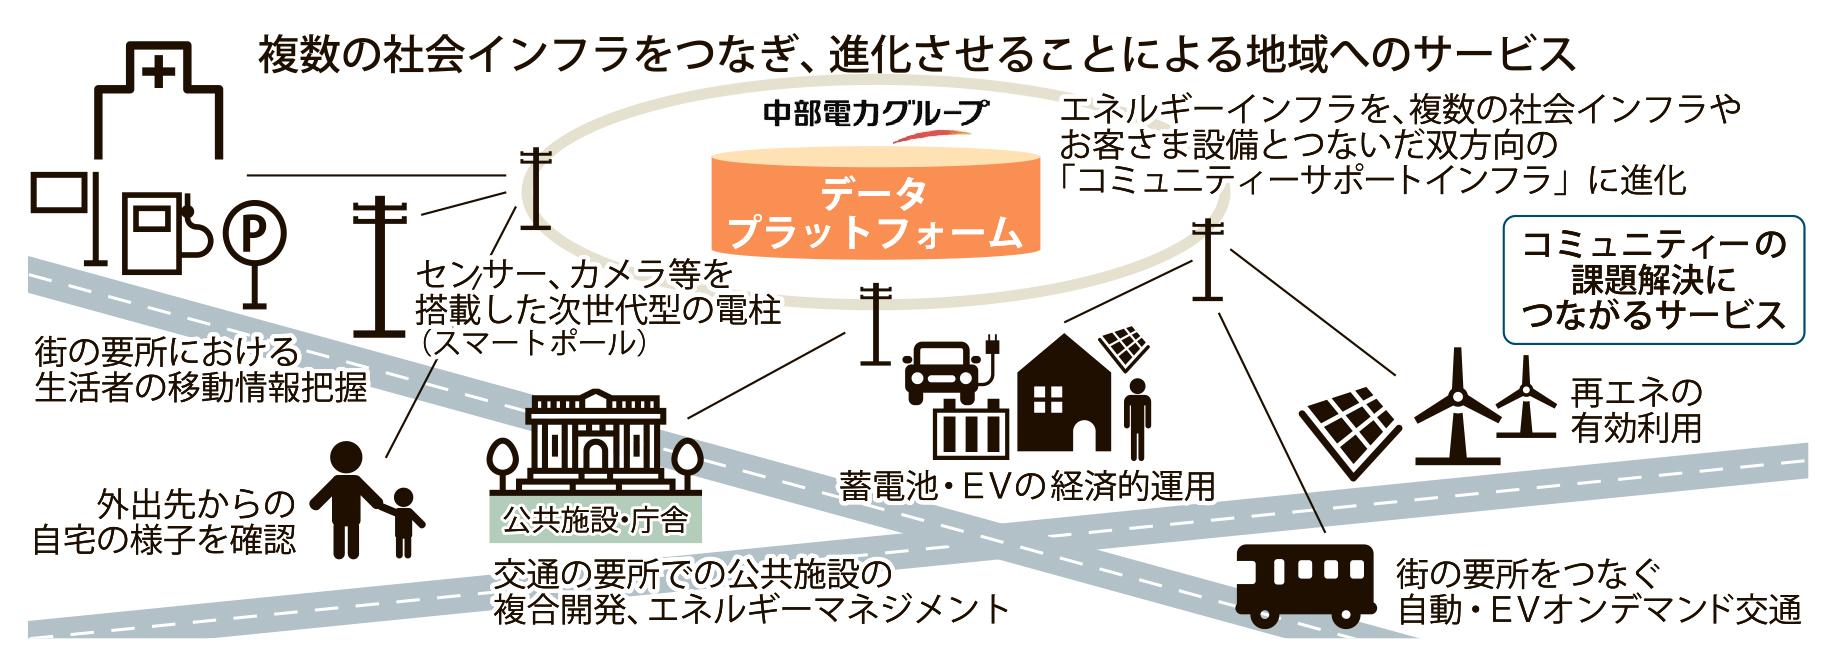 図_地域サービス_4c